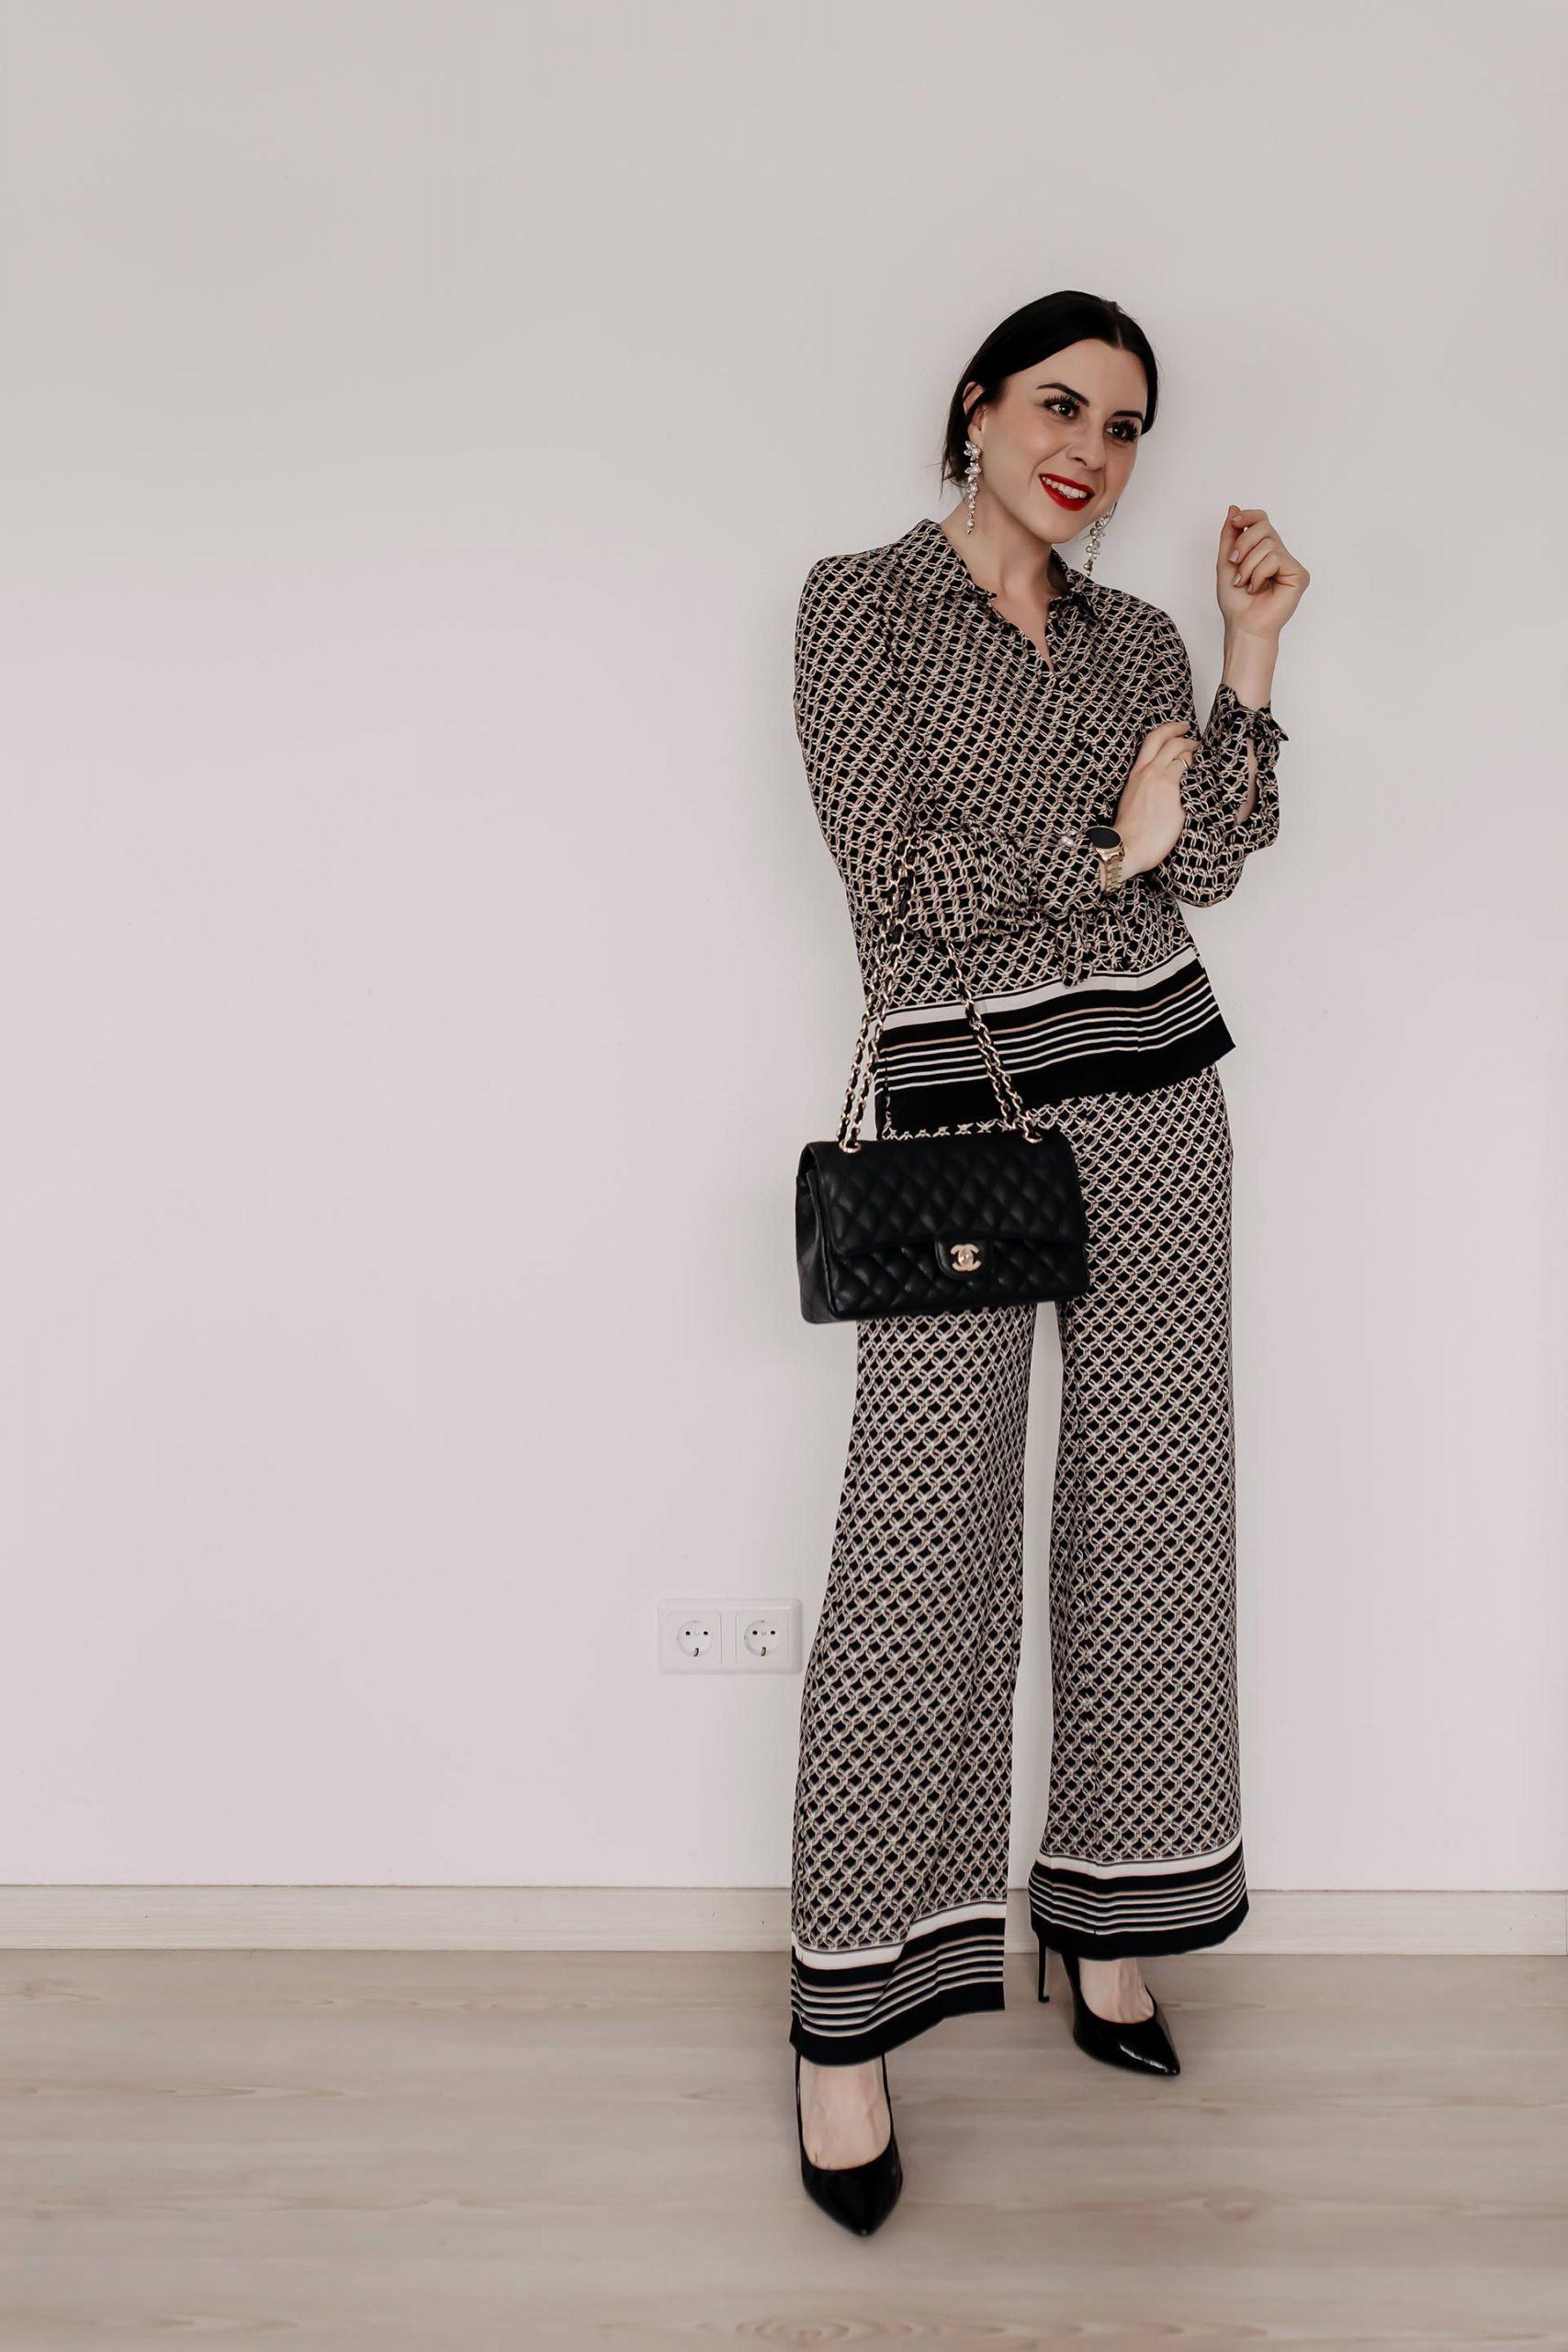 13 Wunderbar Festliche Kleidung Vertrieb Genial Festliche Kleidung Boutique